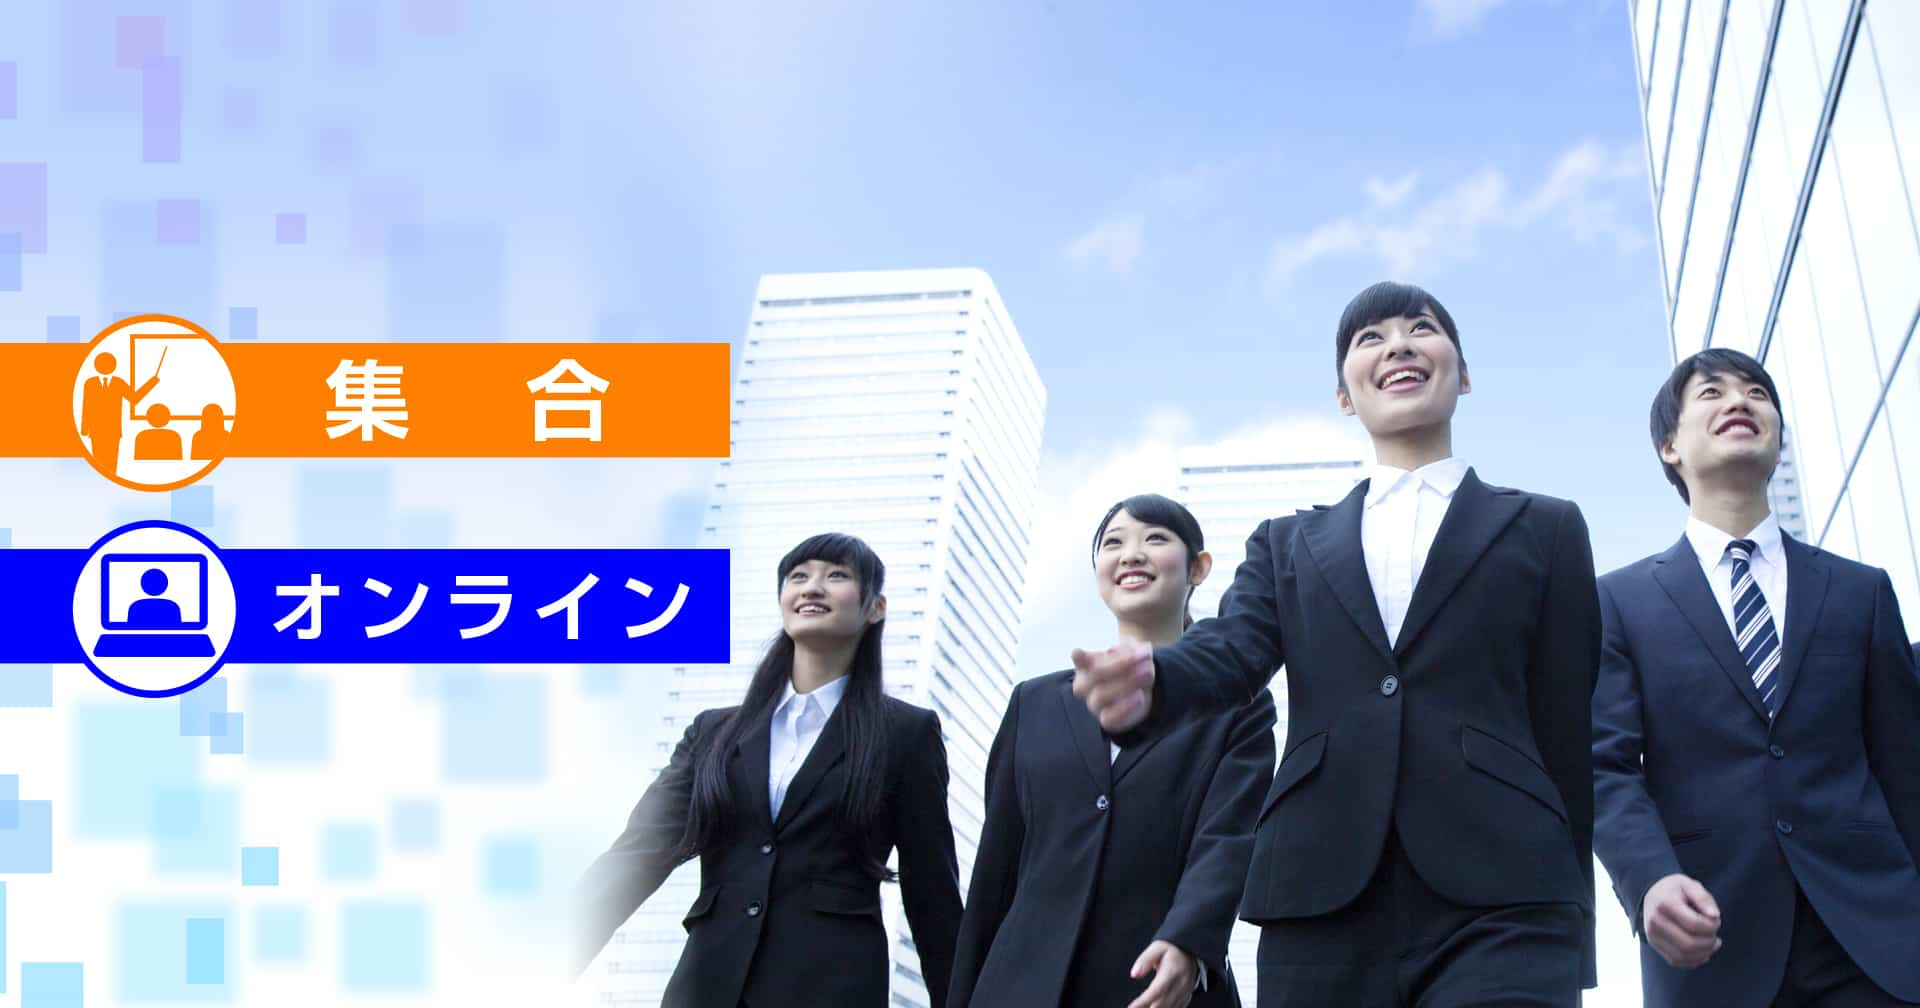 【集合研修】若手社員研修 仕事力アップコース(2日)